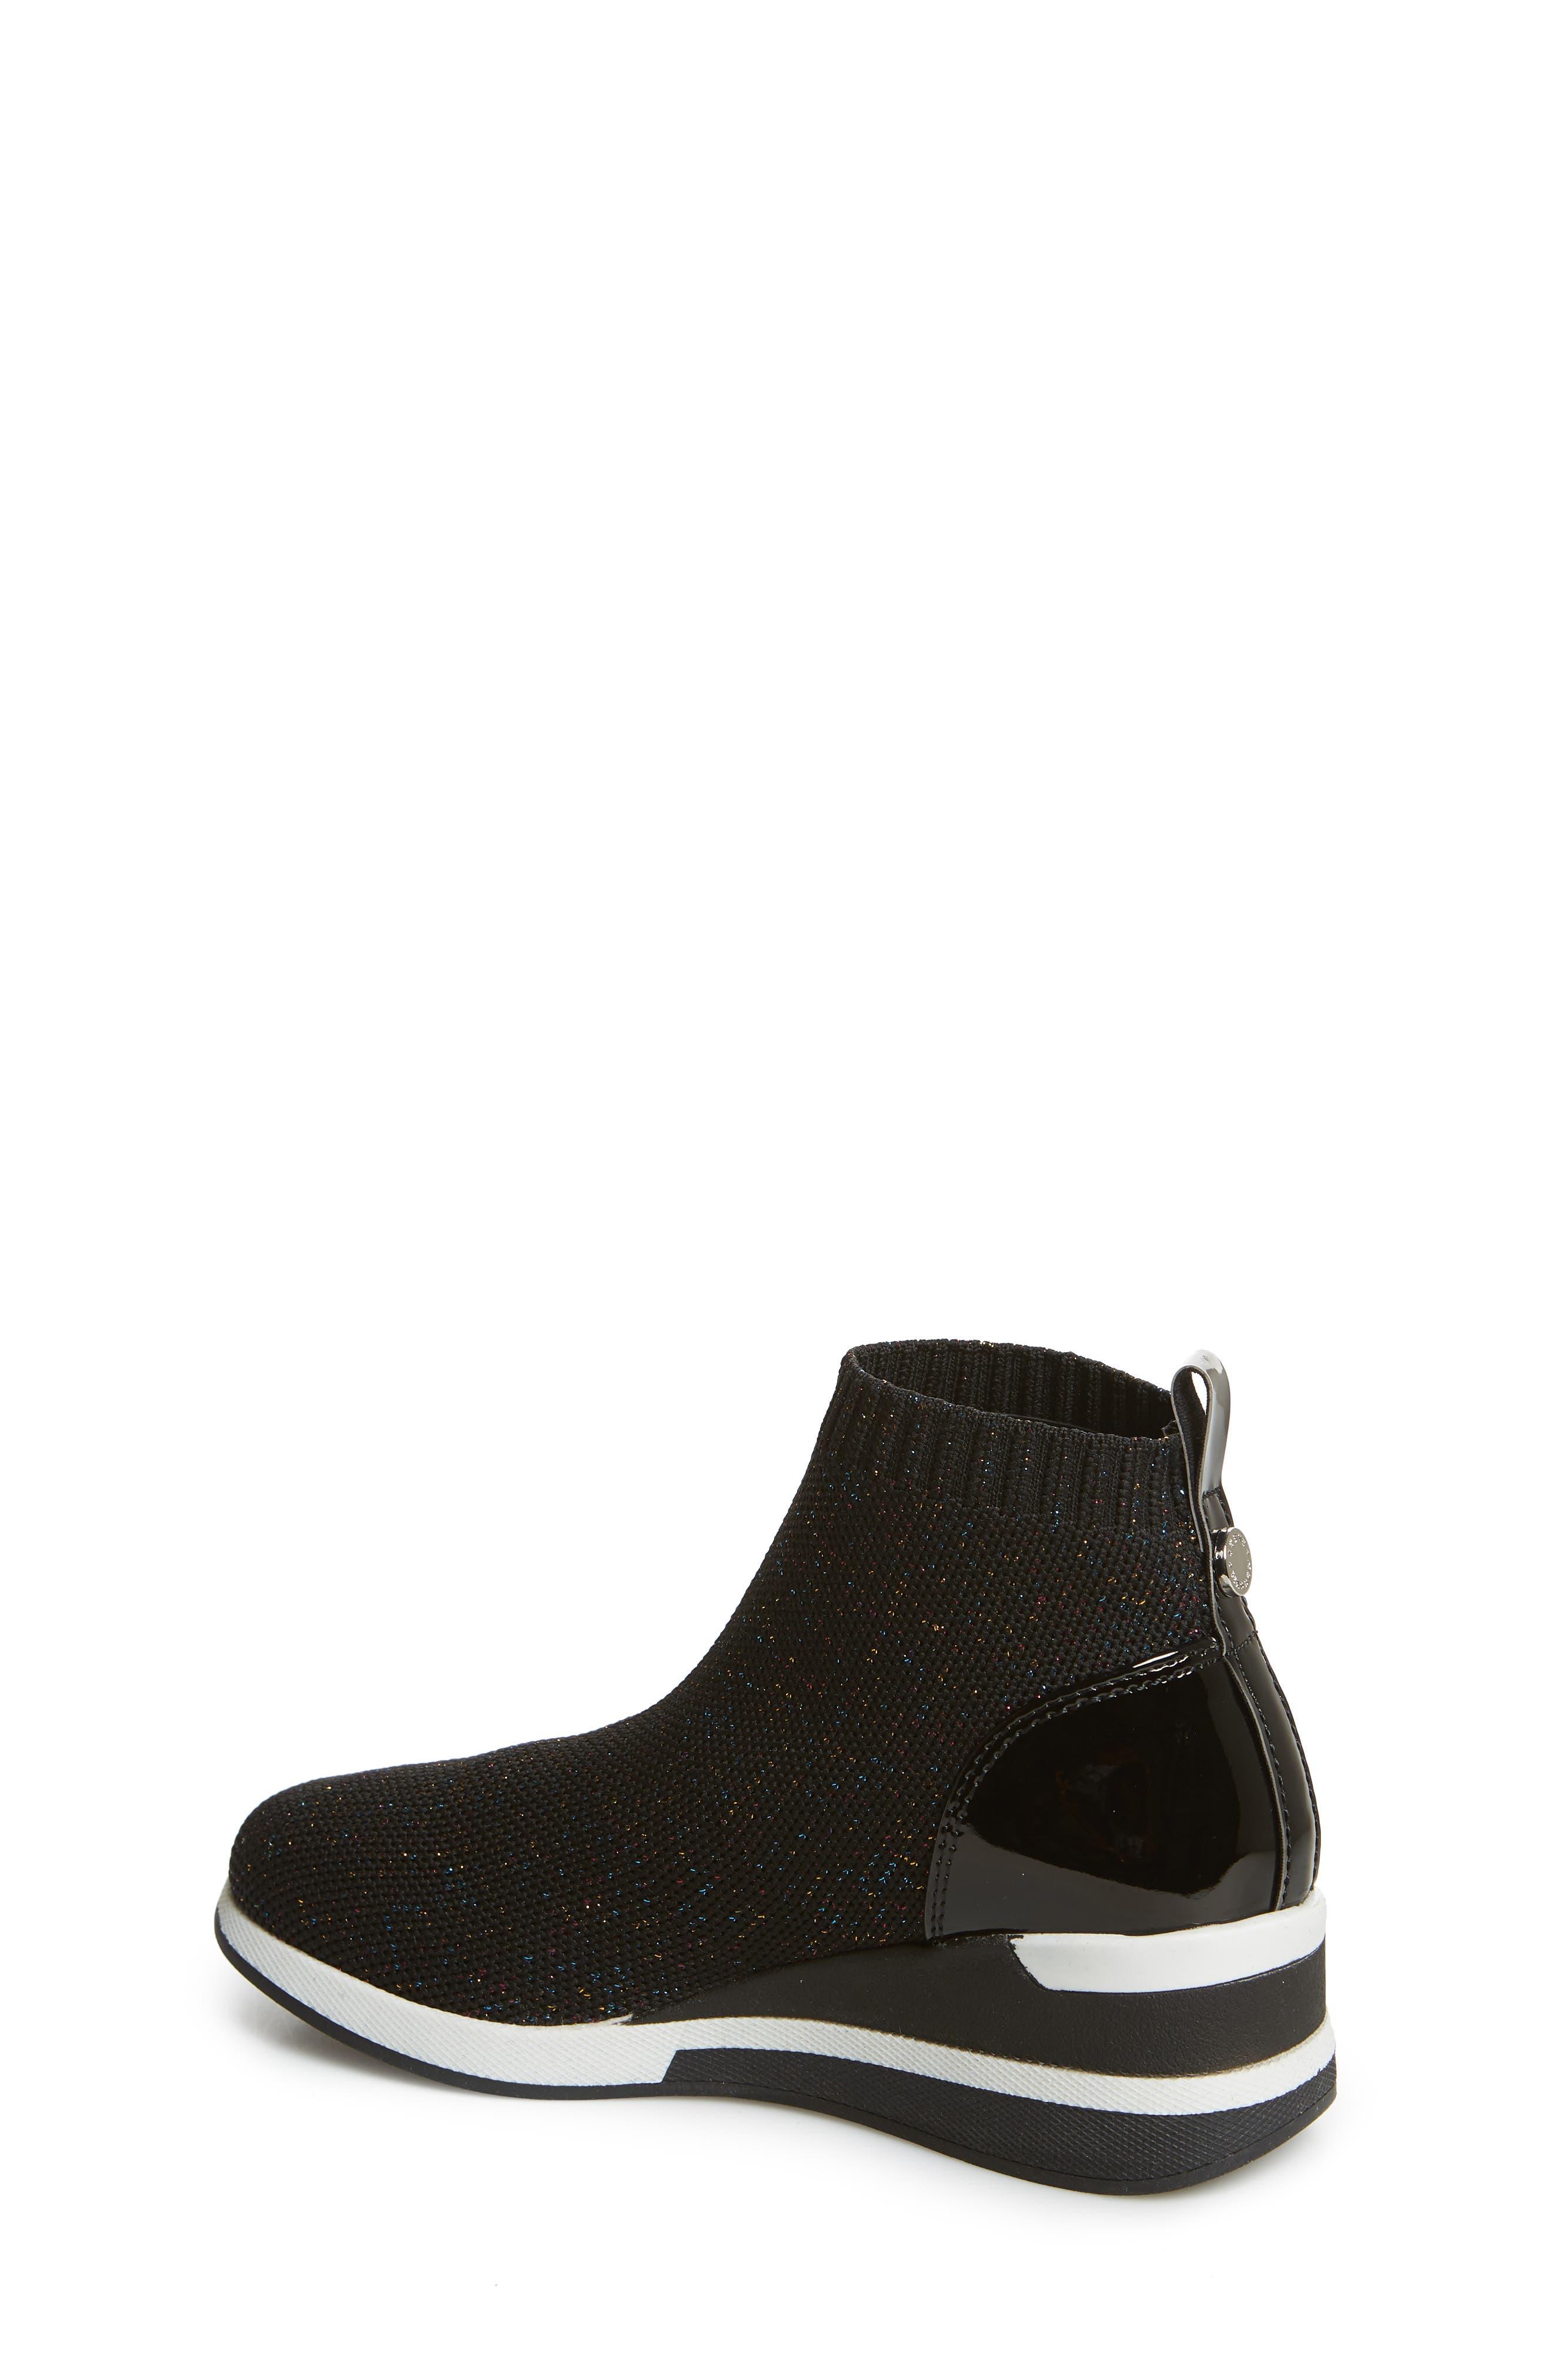 STEVE MADDEN,                             Dusky Metallic High Top Wedge Sock Sneaker,                             Alternate thumbnail 2, color,                             BLACK MULTI